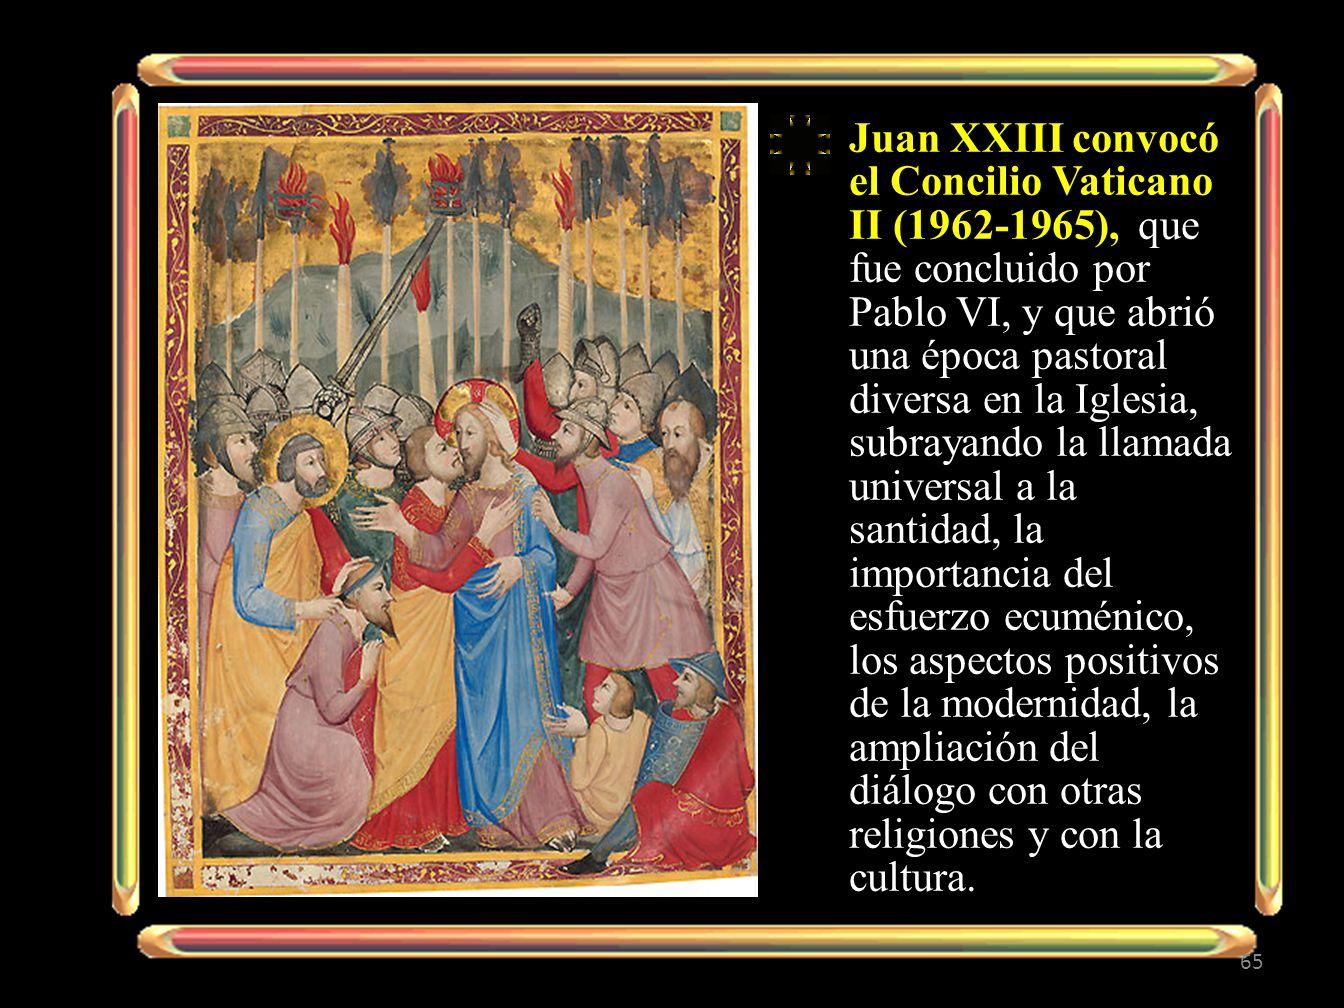 Juan XXIII convocó el Concilio Vaticano II (1962-1965), que fue concluido por Pablo VI, y que abrió una época pastoral diversa en la Iglesia, subrayan